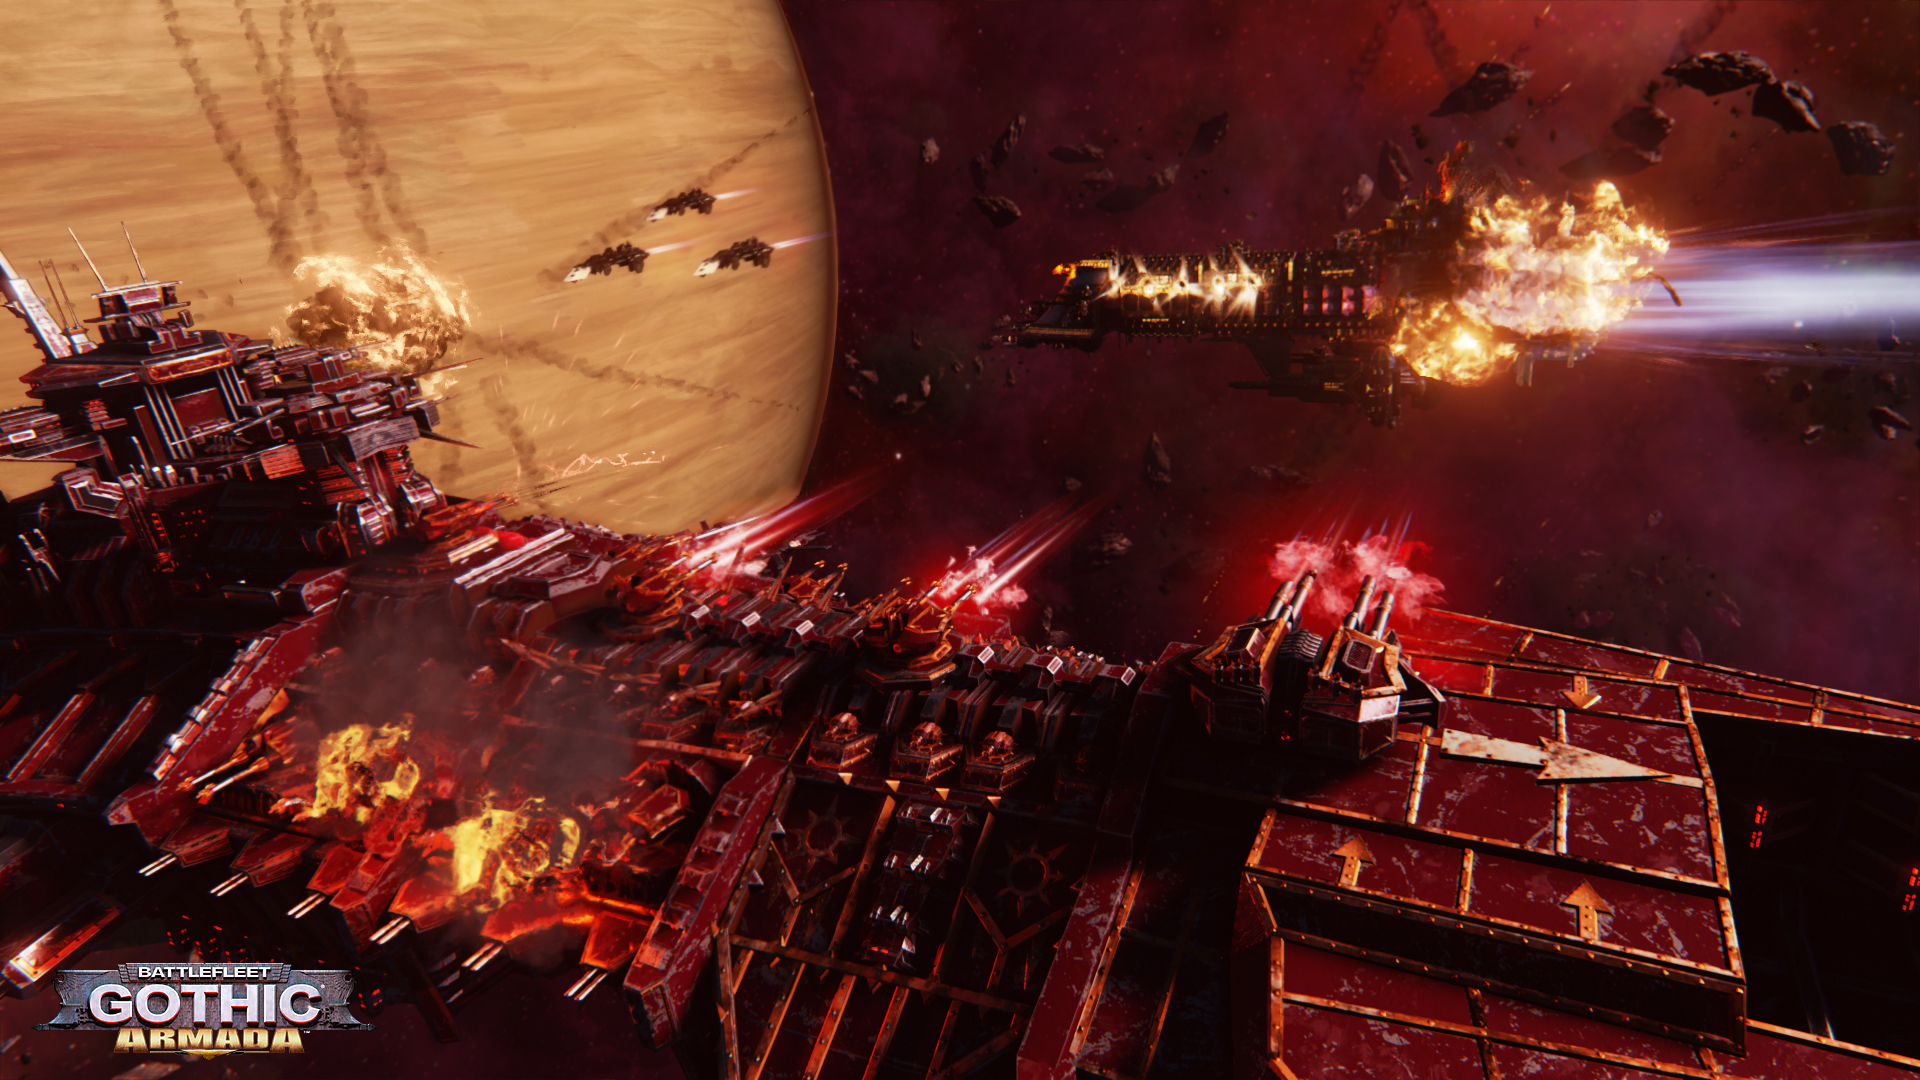 Obrázky ze Space Hulk: Deathwing a Battlefleet Gothic: Armada 109776